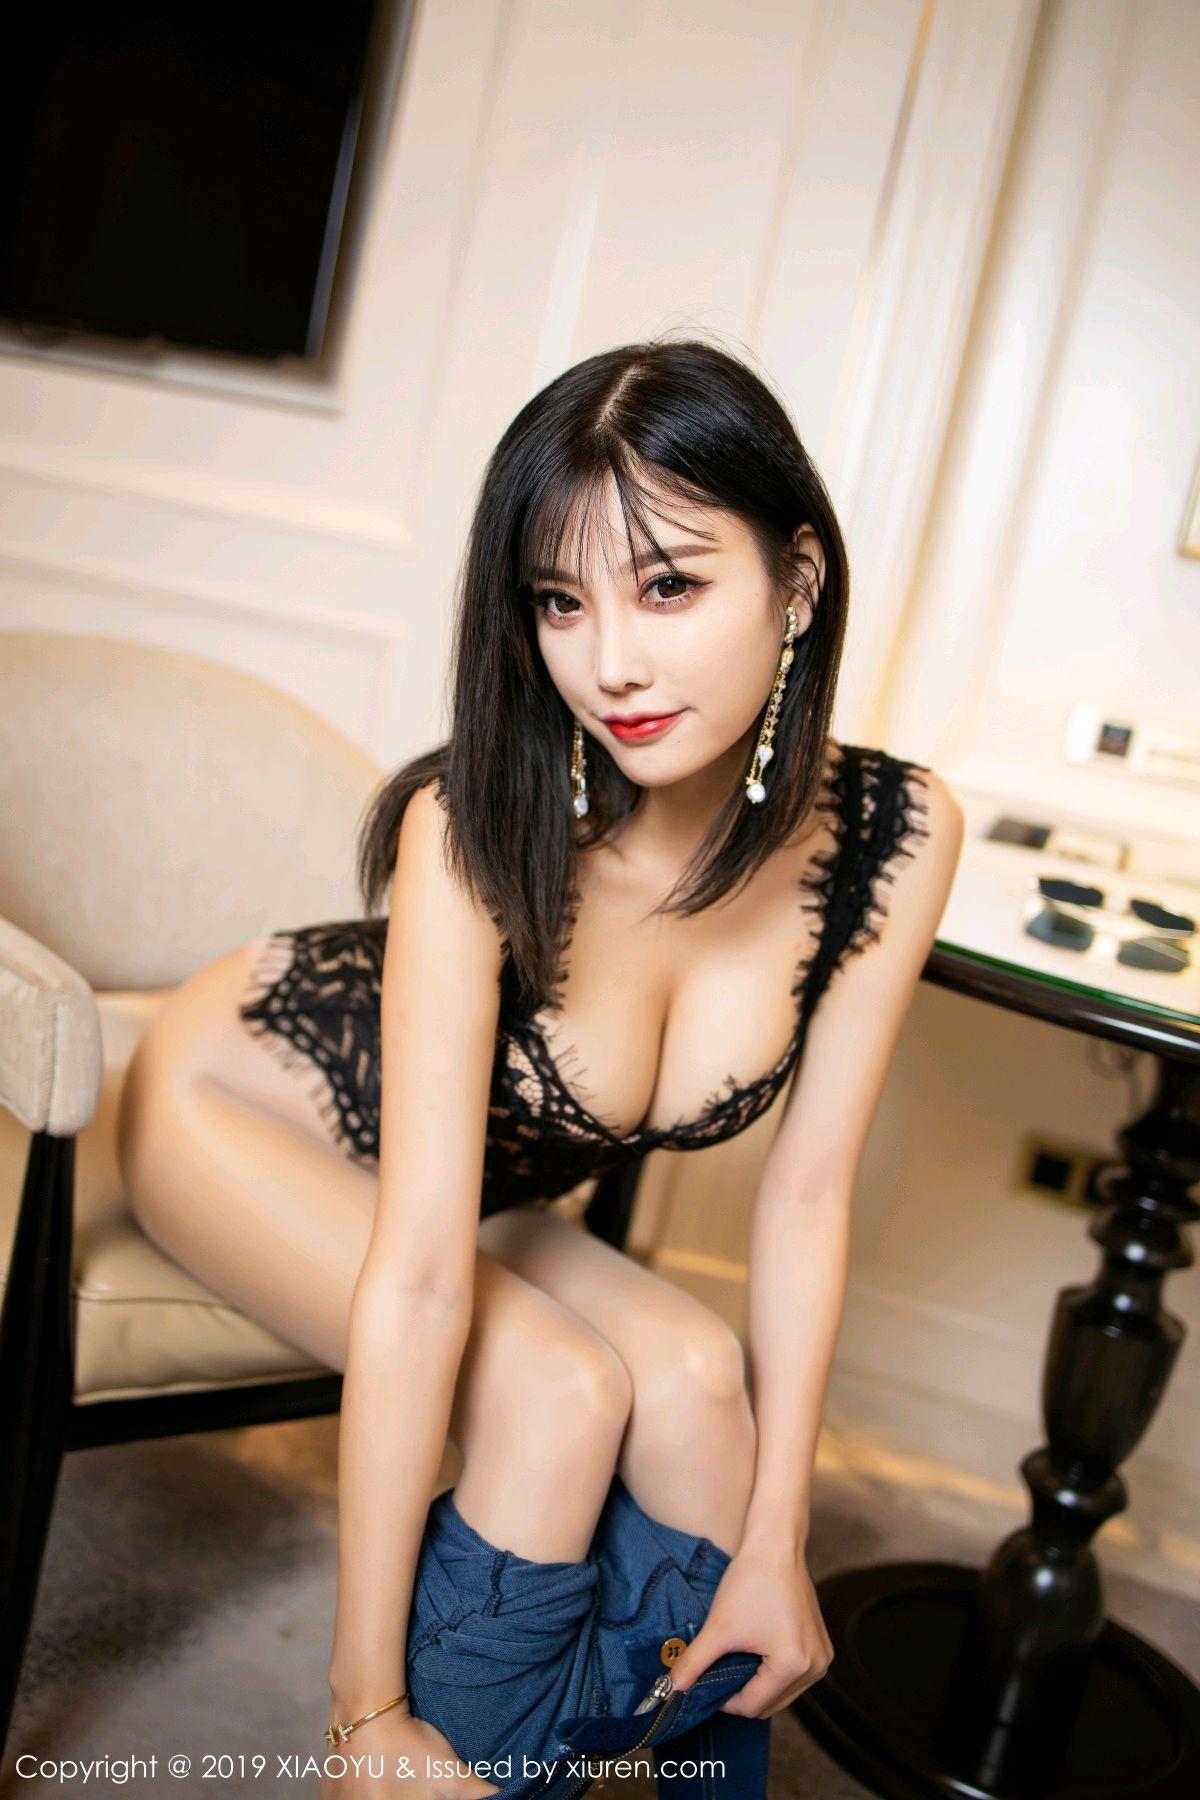 [XiaoYu] Vol.157 Yang Chen Chen 39P, XiaoYu, Yang Chen Chen